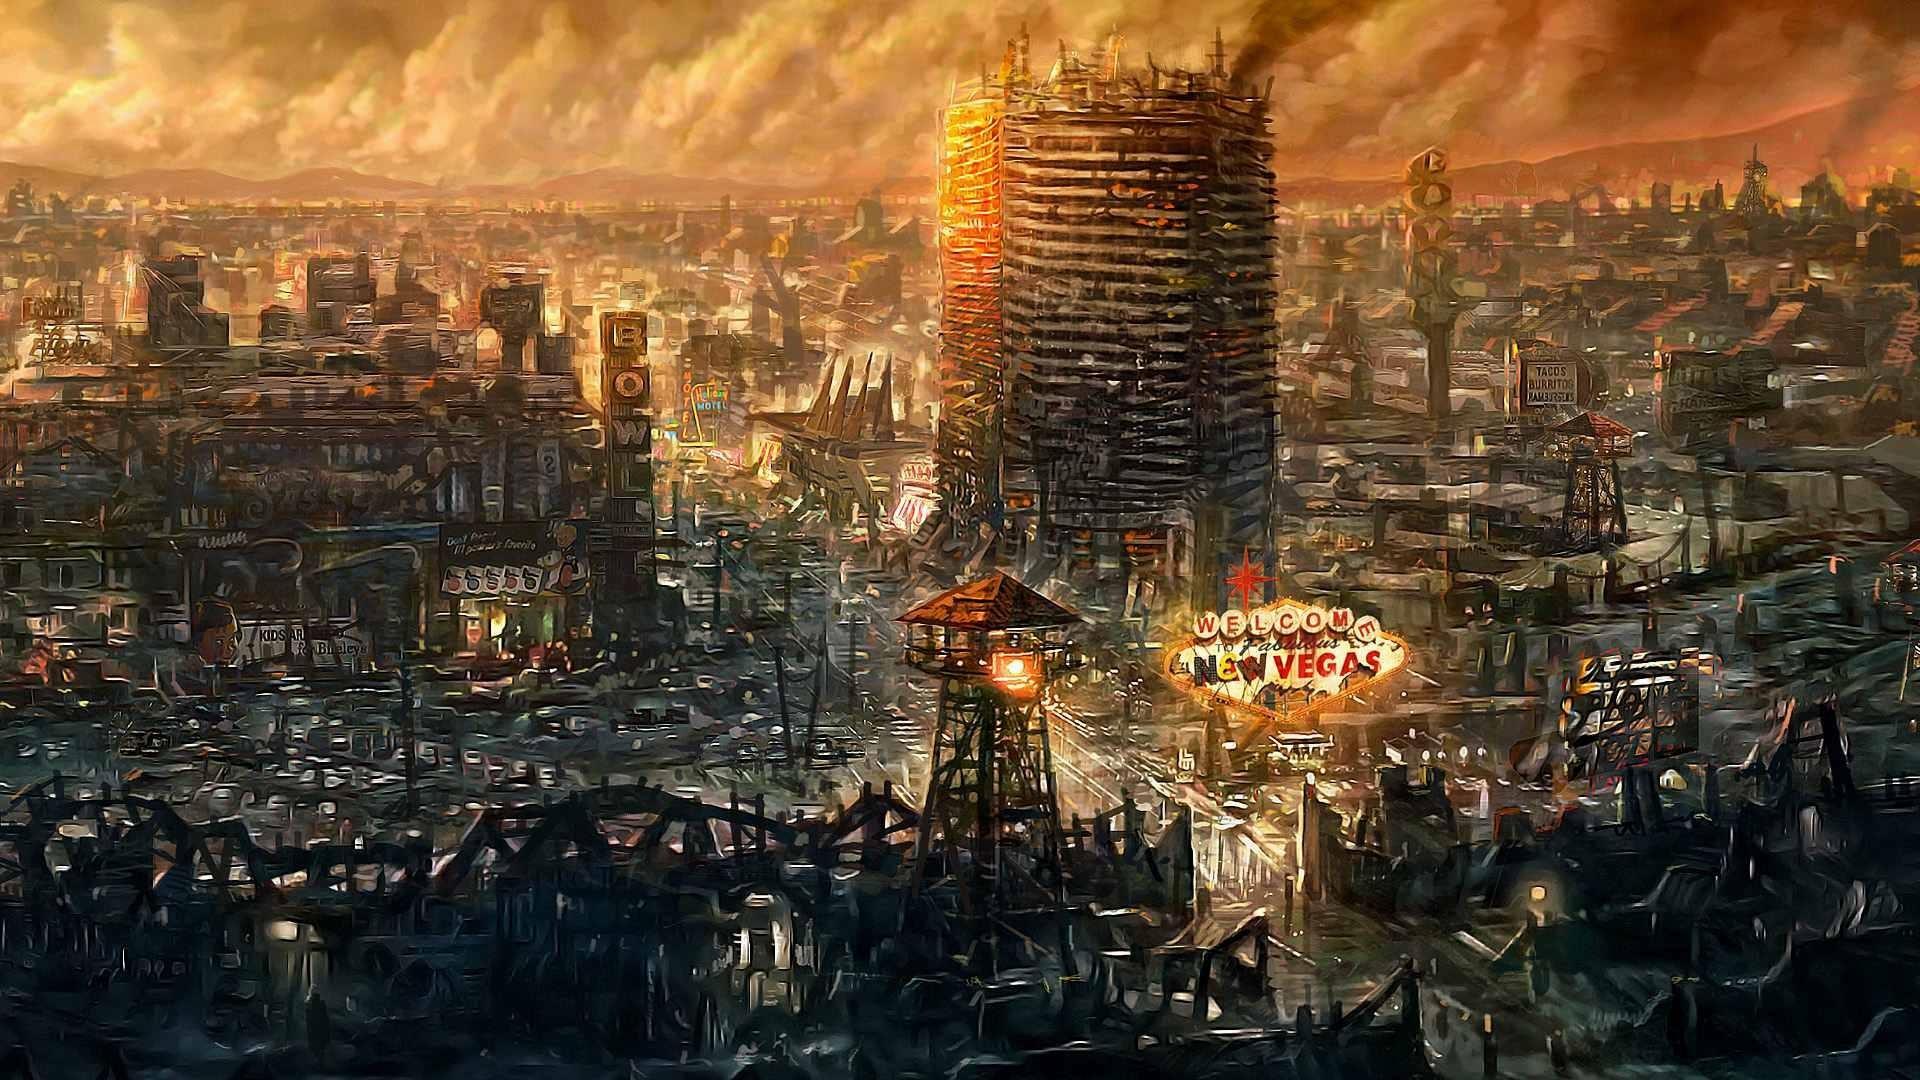 Fallout-HD-jpg-1920%C3%971080-wallpaper-wp4006177